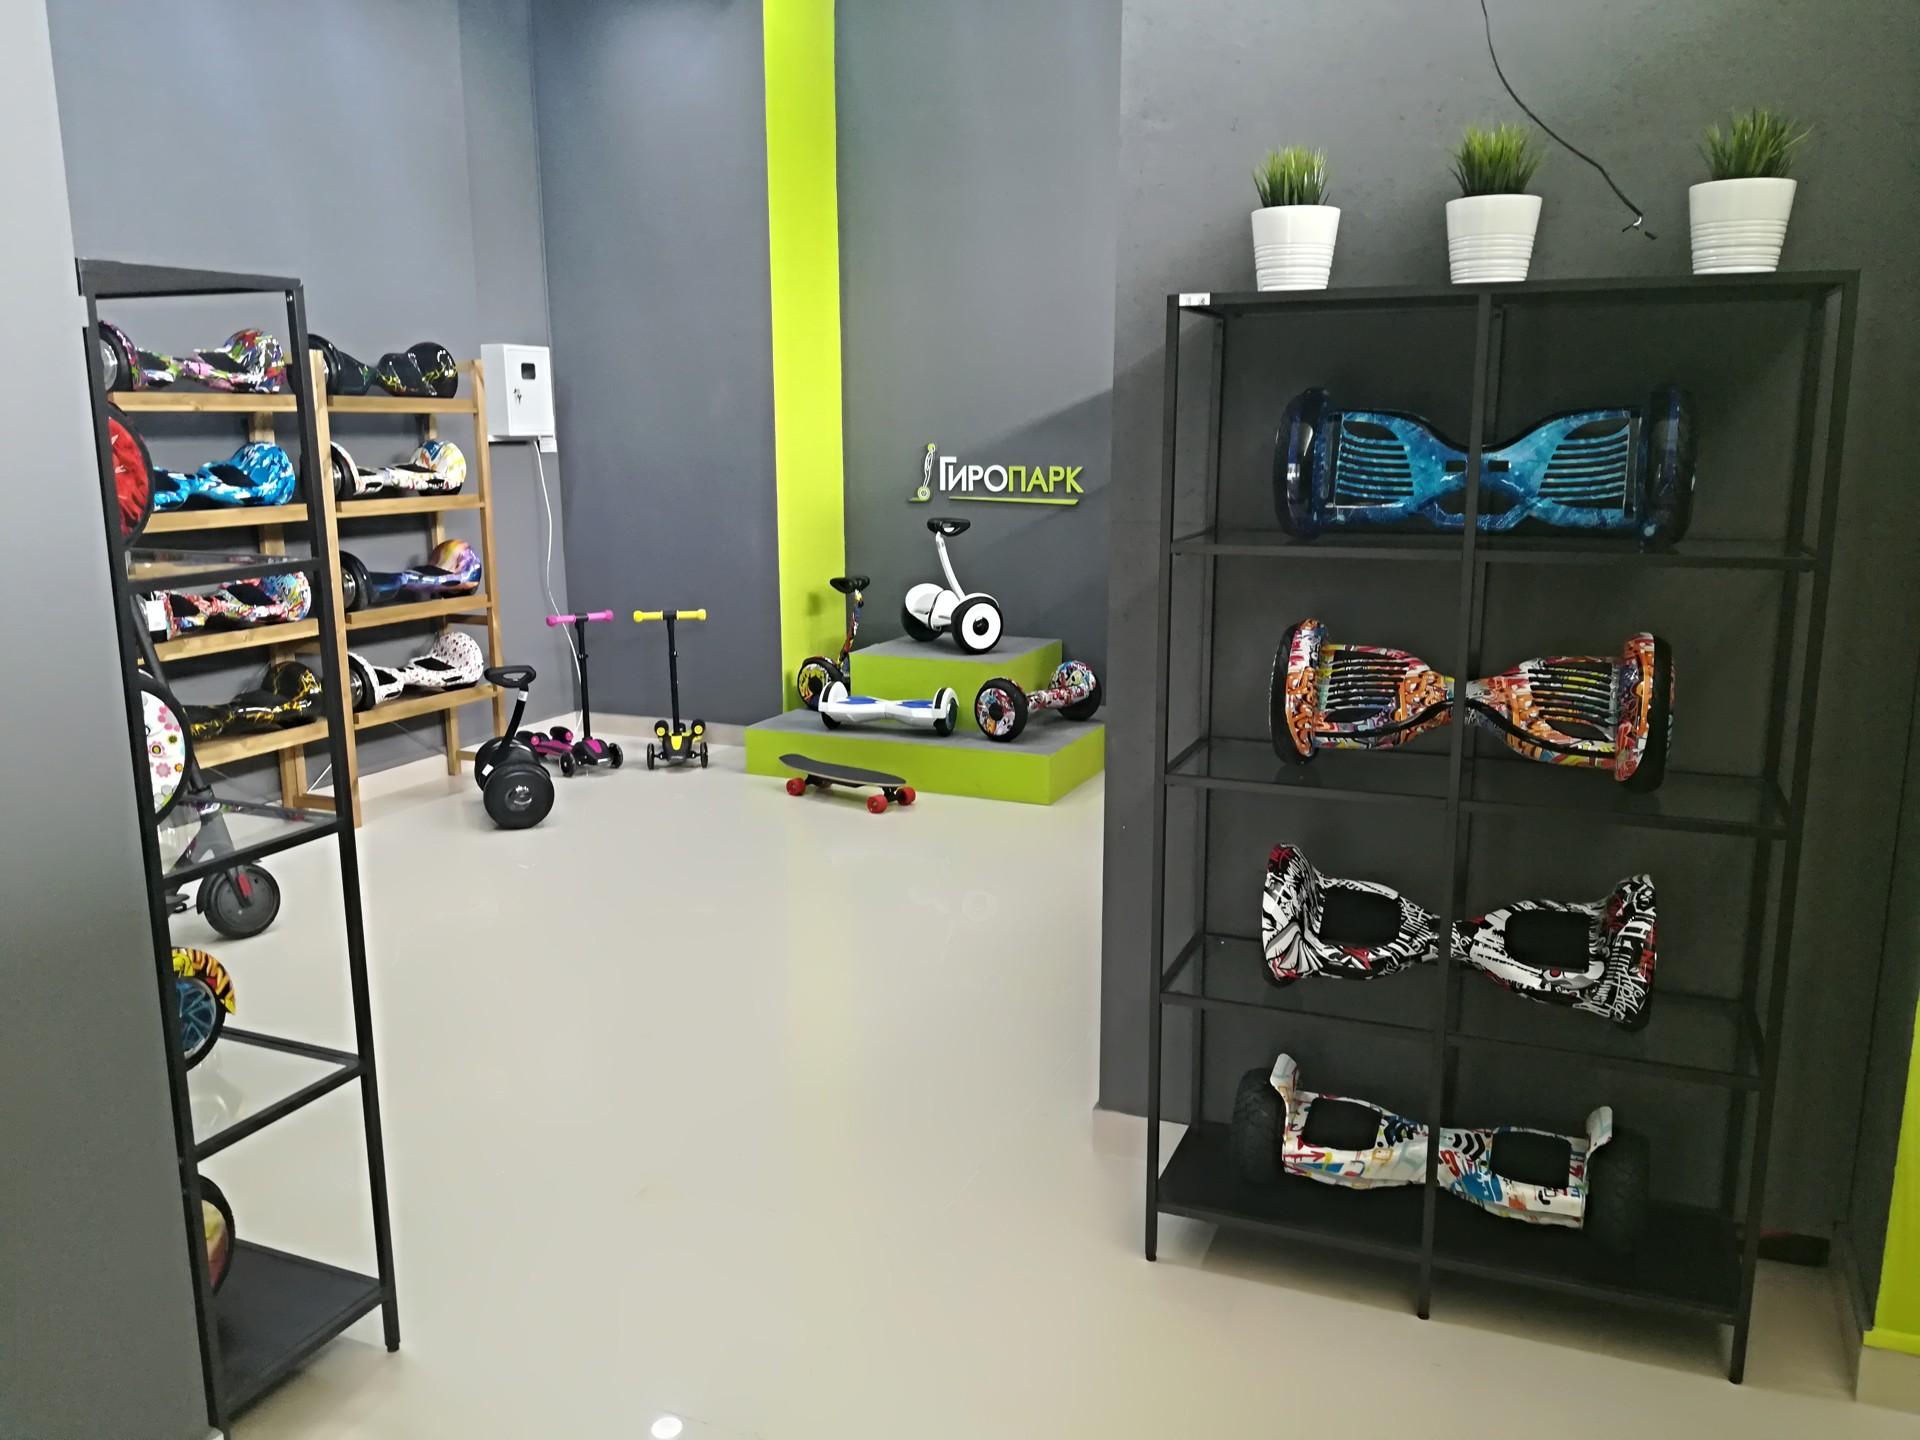 63594805bb9c4 Первый магазин гироскутеров в Минске. Купить гироскутер в магазине.